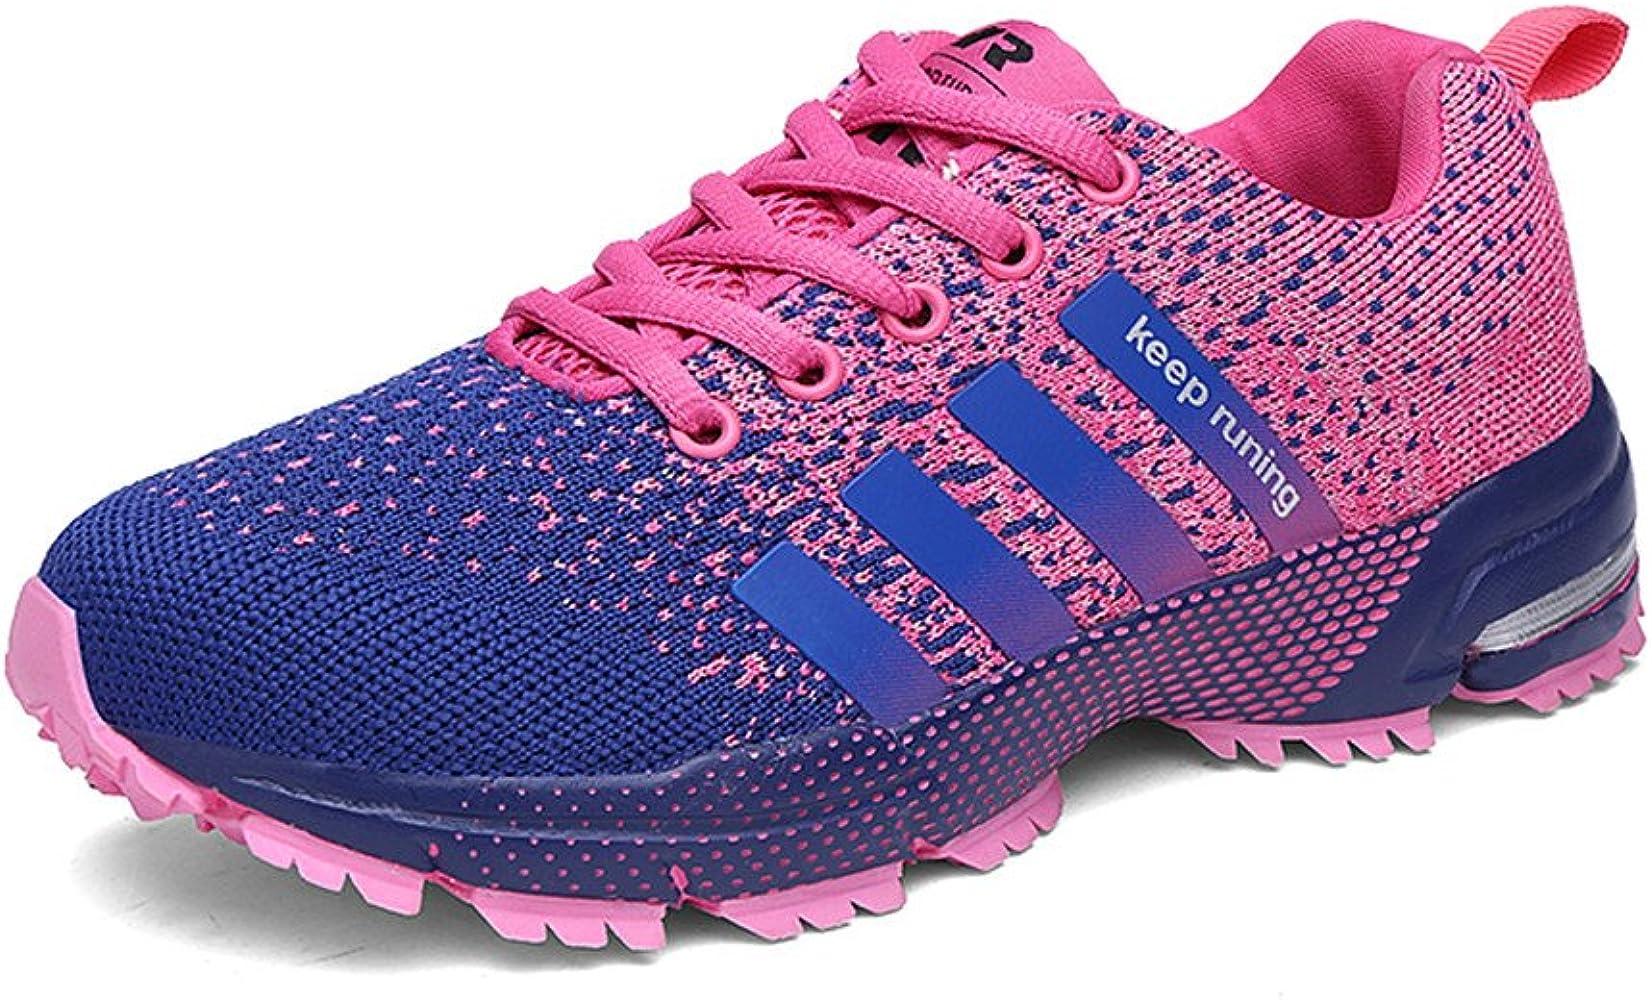 Sollomensi Zapatos para Correr en Montaña y Asfalto Aire Libre y Deportes Zapatillas de Running Padel para Hombre Rosa 37: Amazon.es: Ropa y accesorios